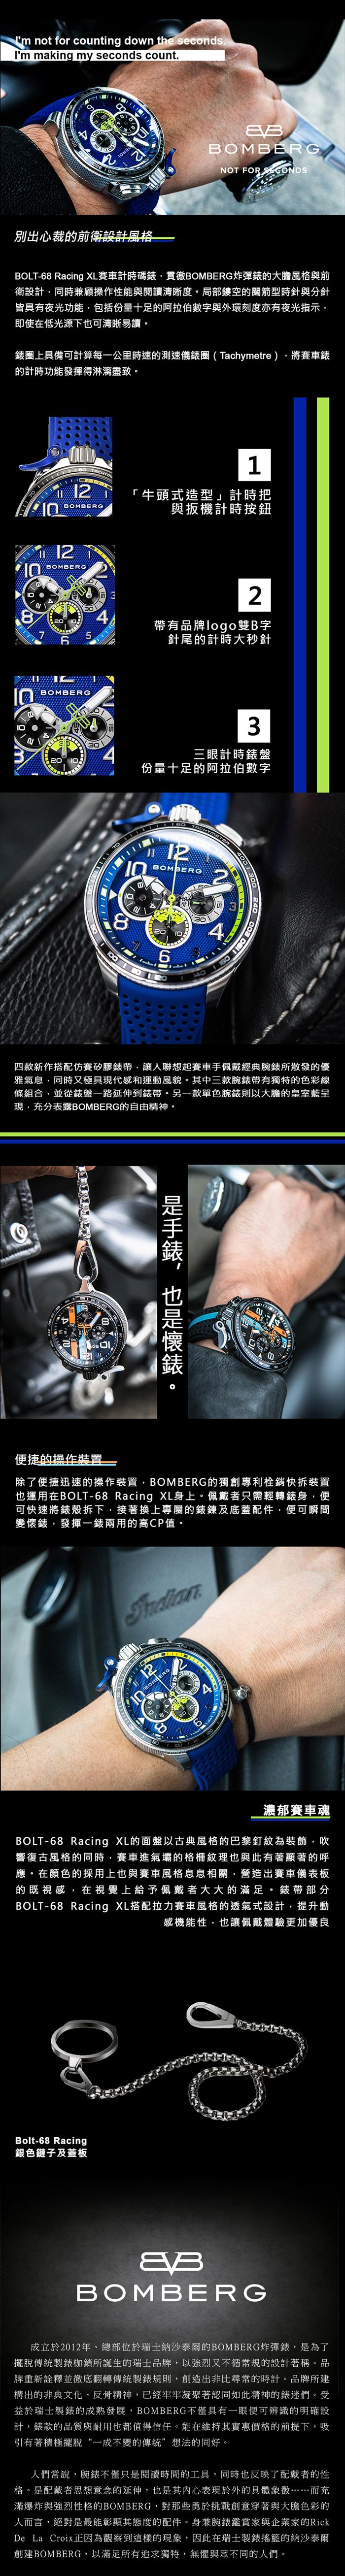 (複製)BOMBERG|BOLT - 68 RACING 系列 全鋼白面XL賽車計時碼錶-錶徑 45mm